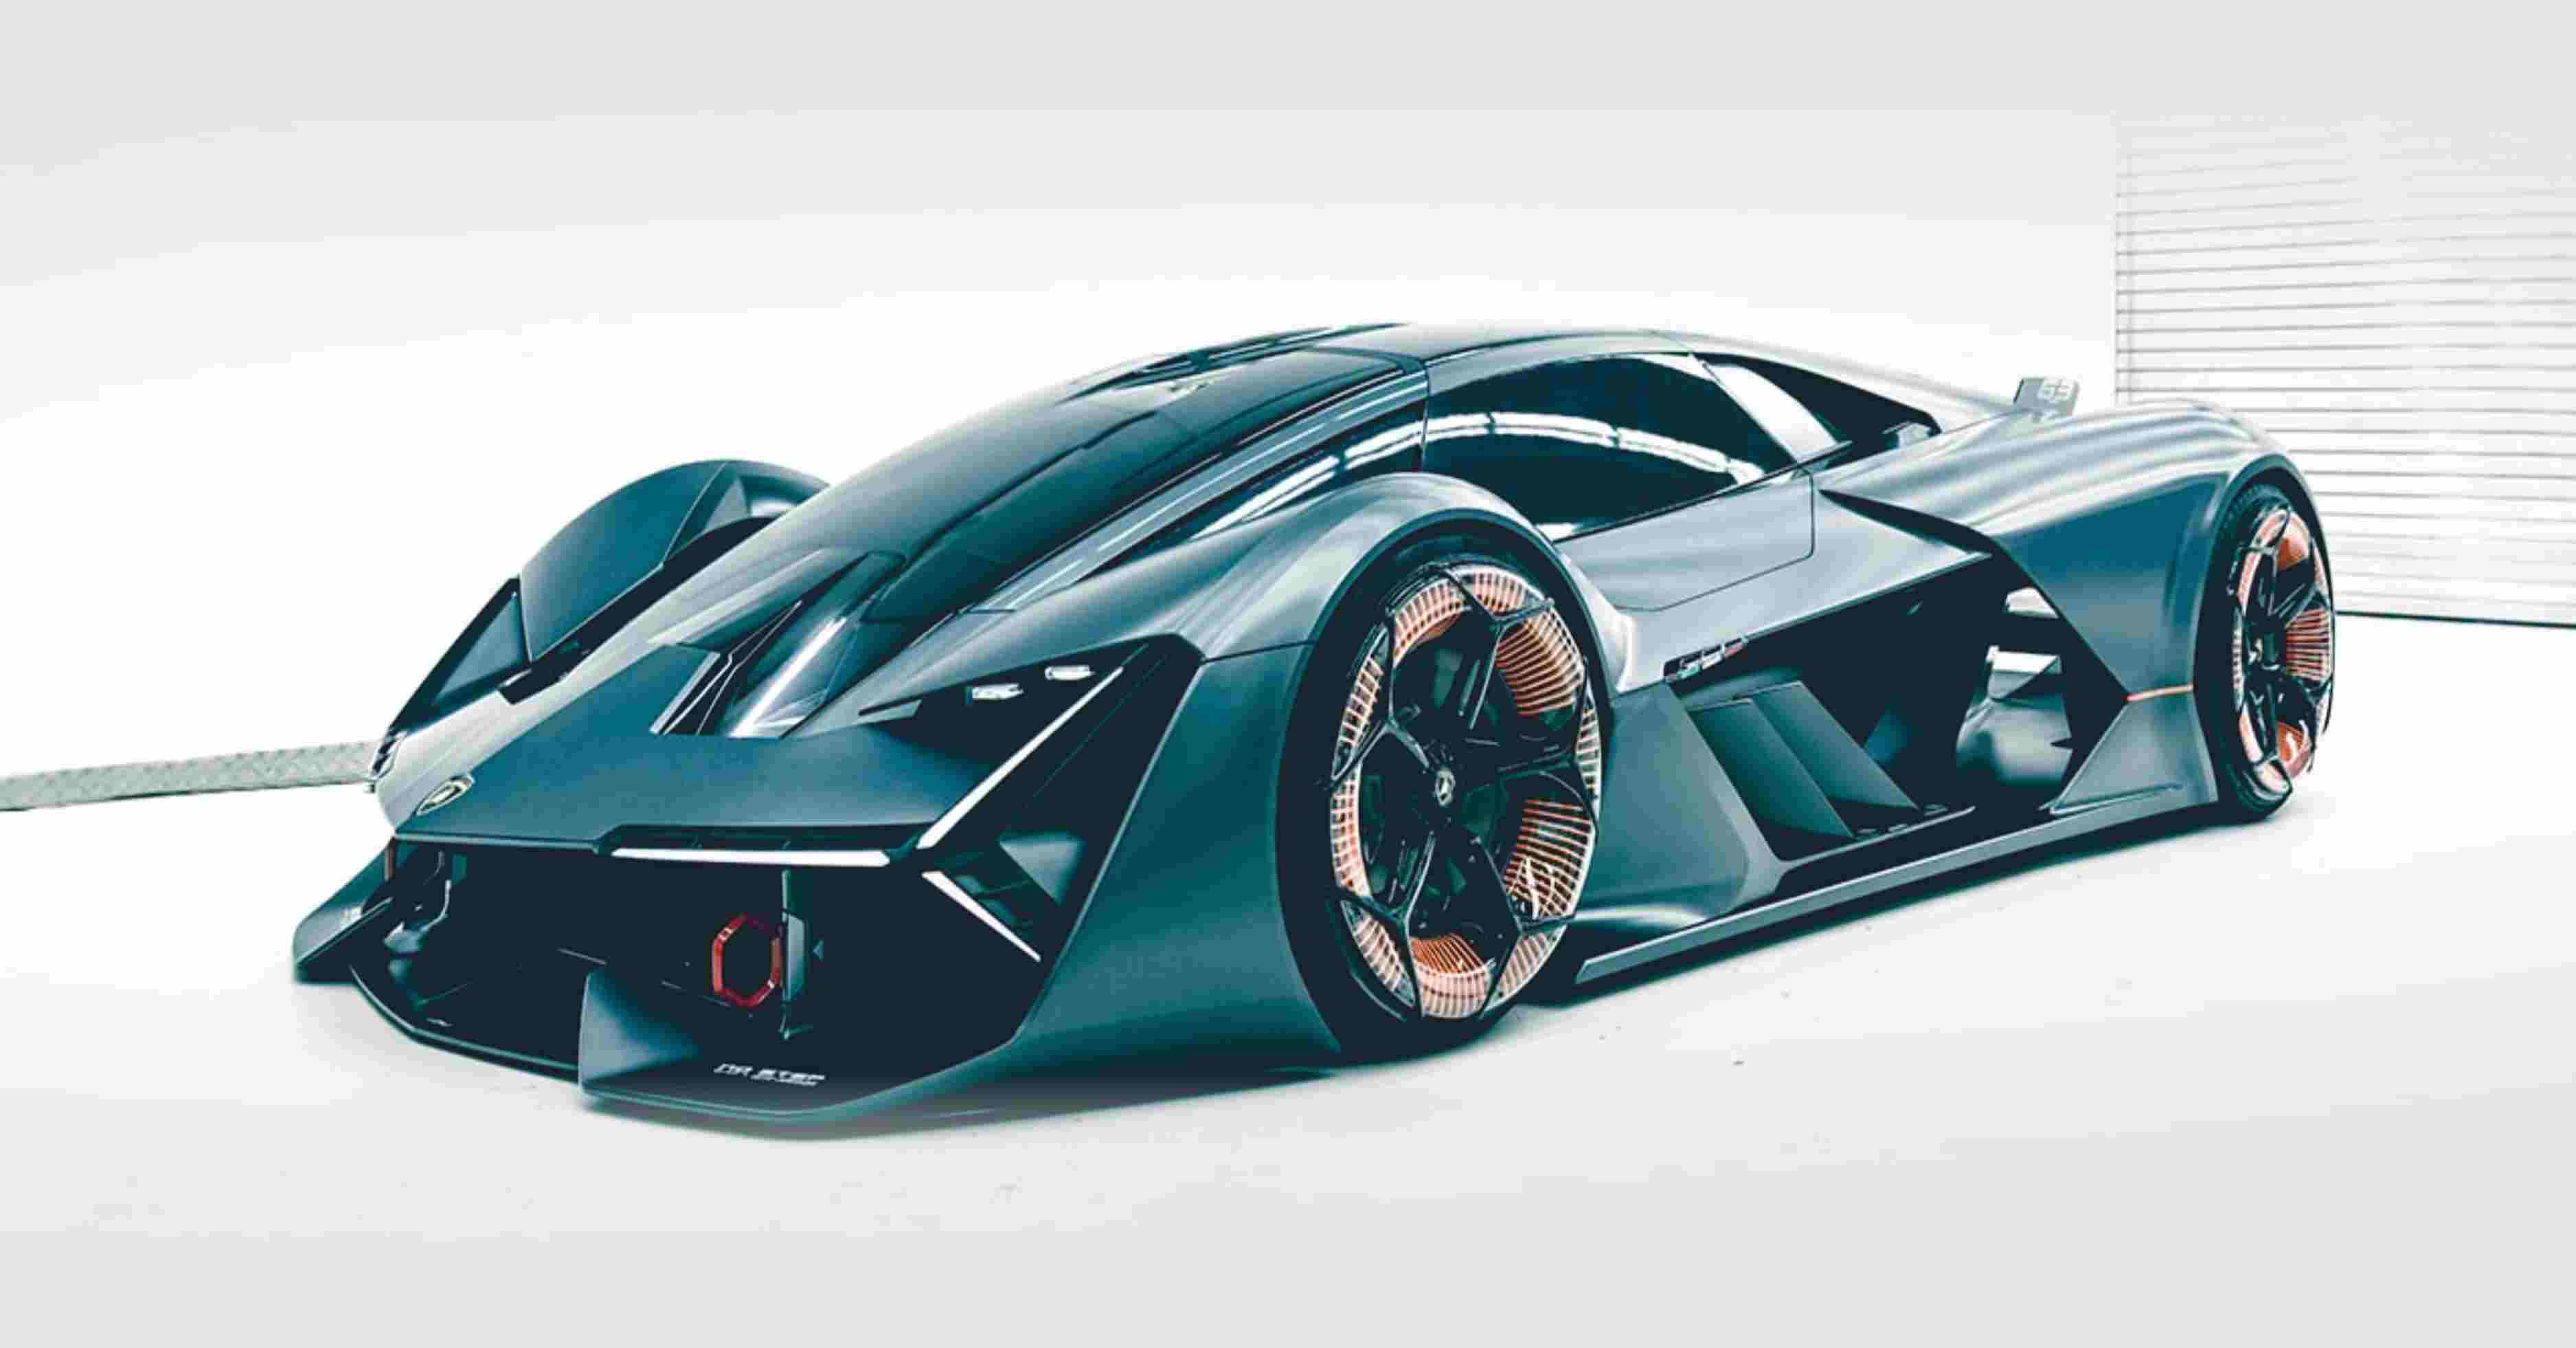 Lamborghinis Futuristic Concept Electric Supercar that Stores Energy